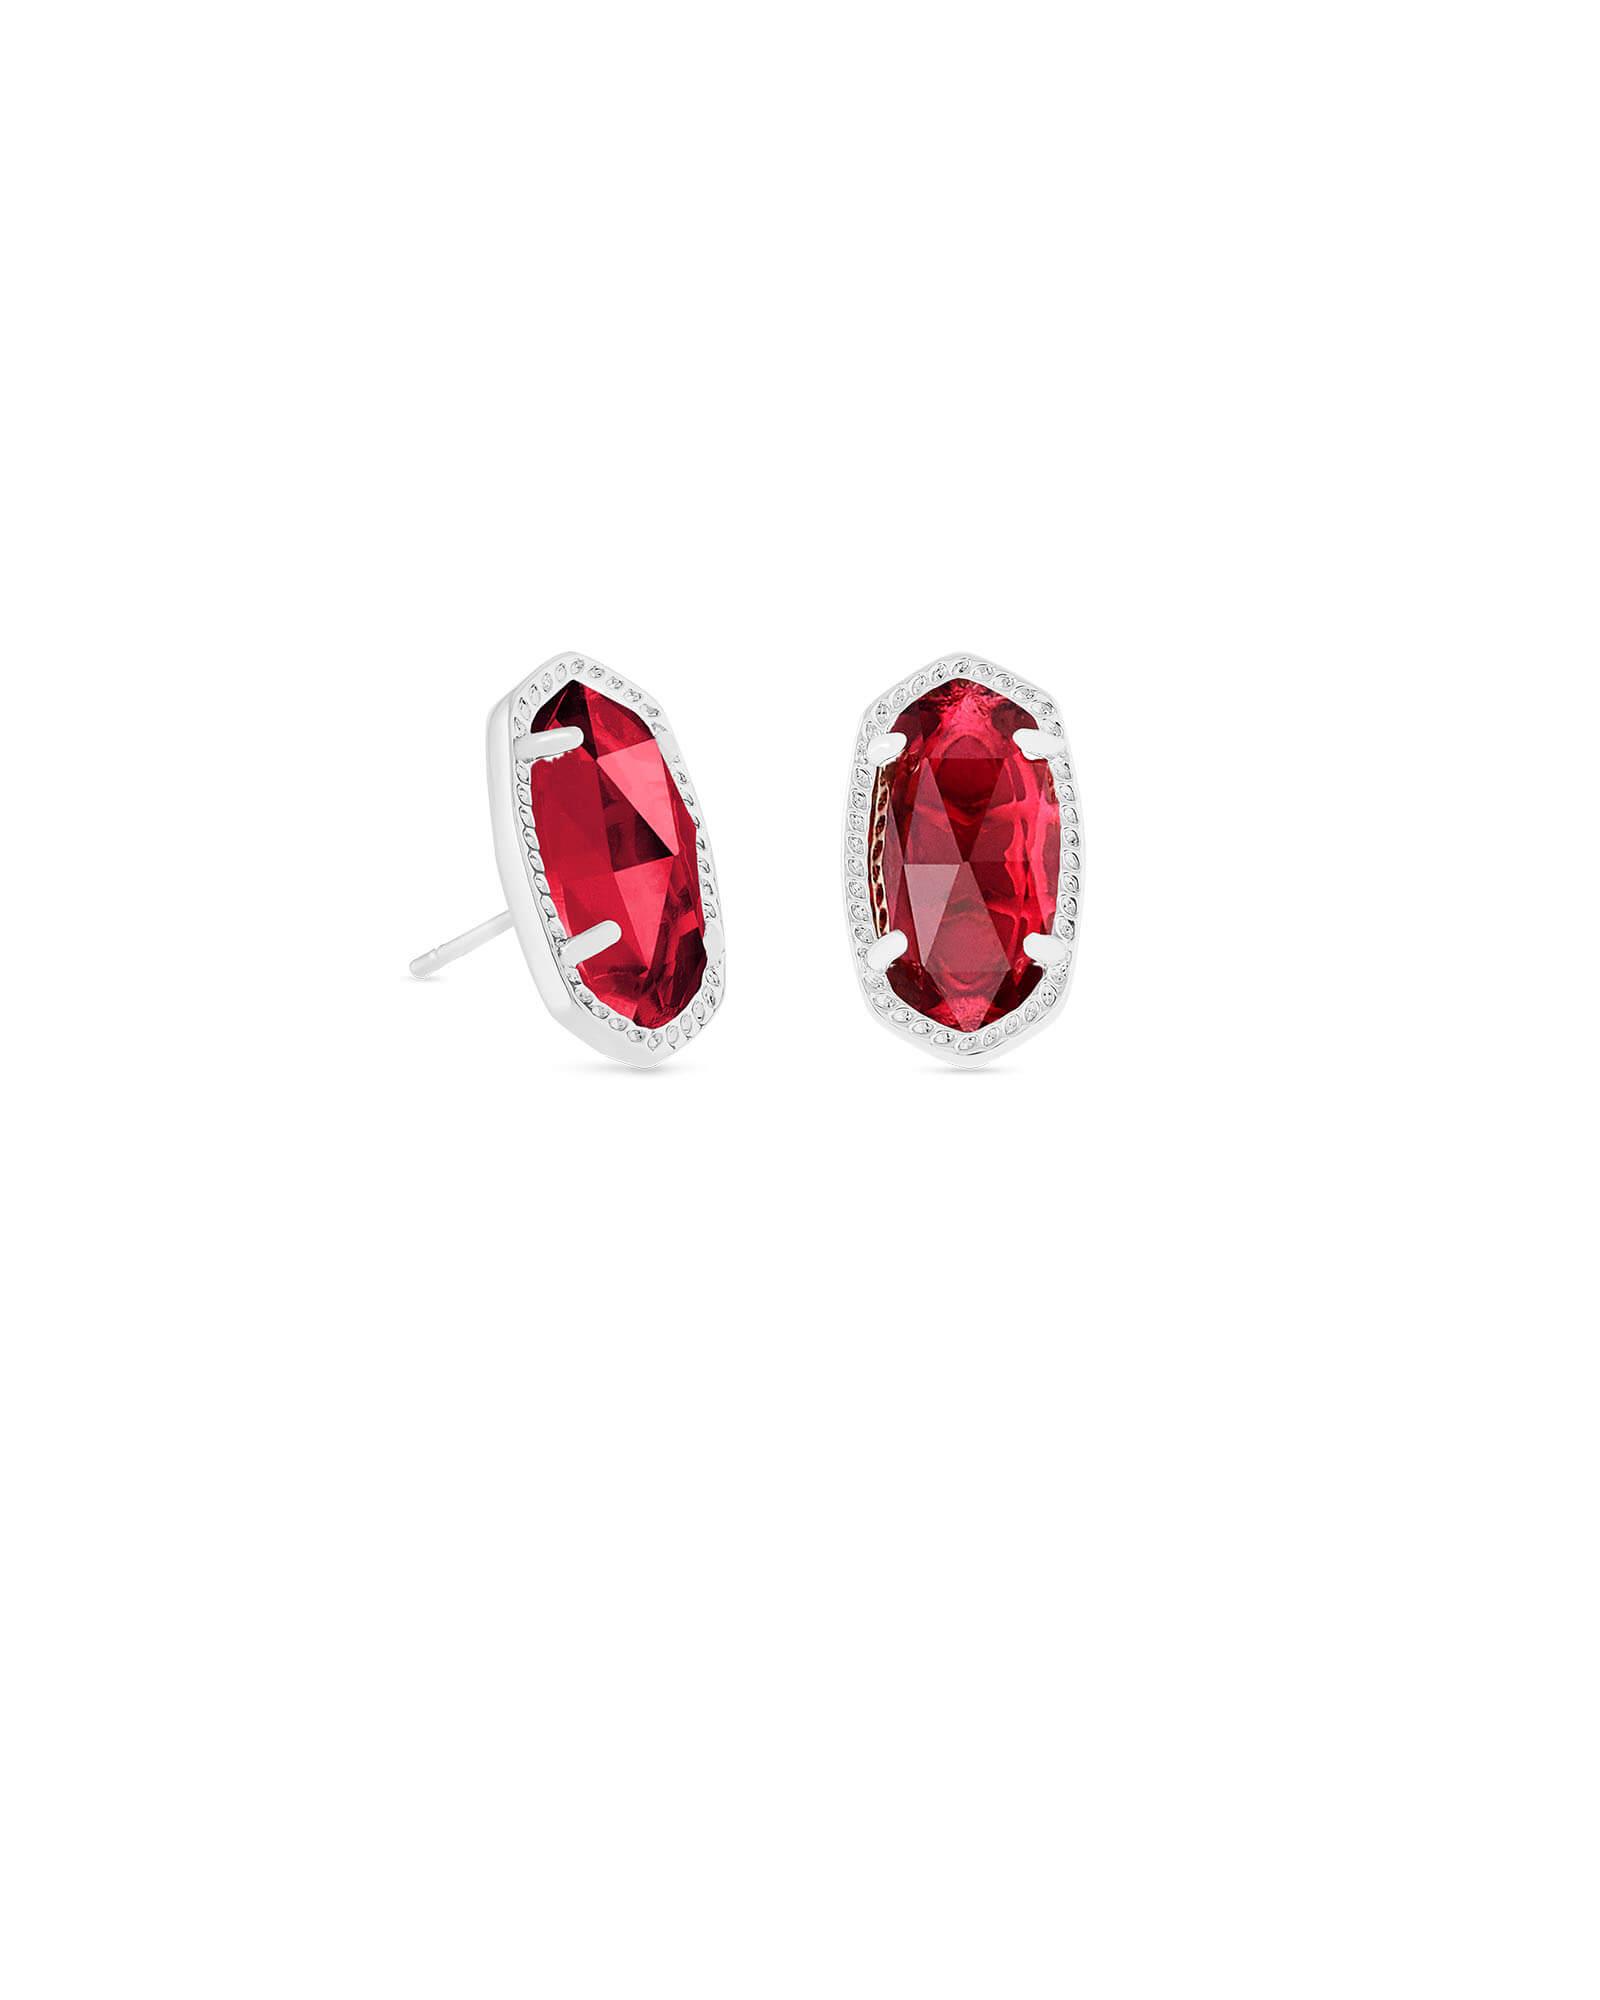 a2493671a Ellie Silver Stud Earrings in Berry | Kendra Scott